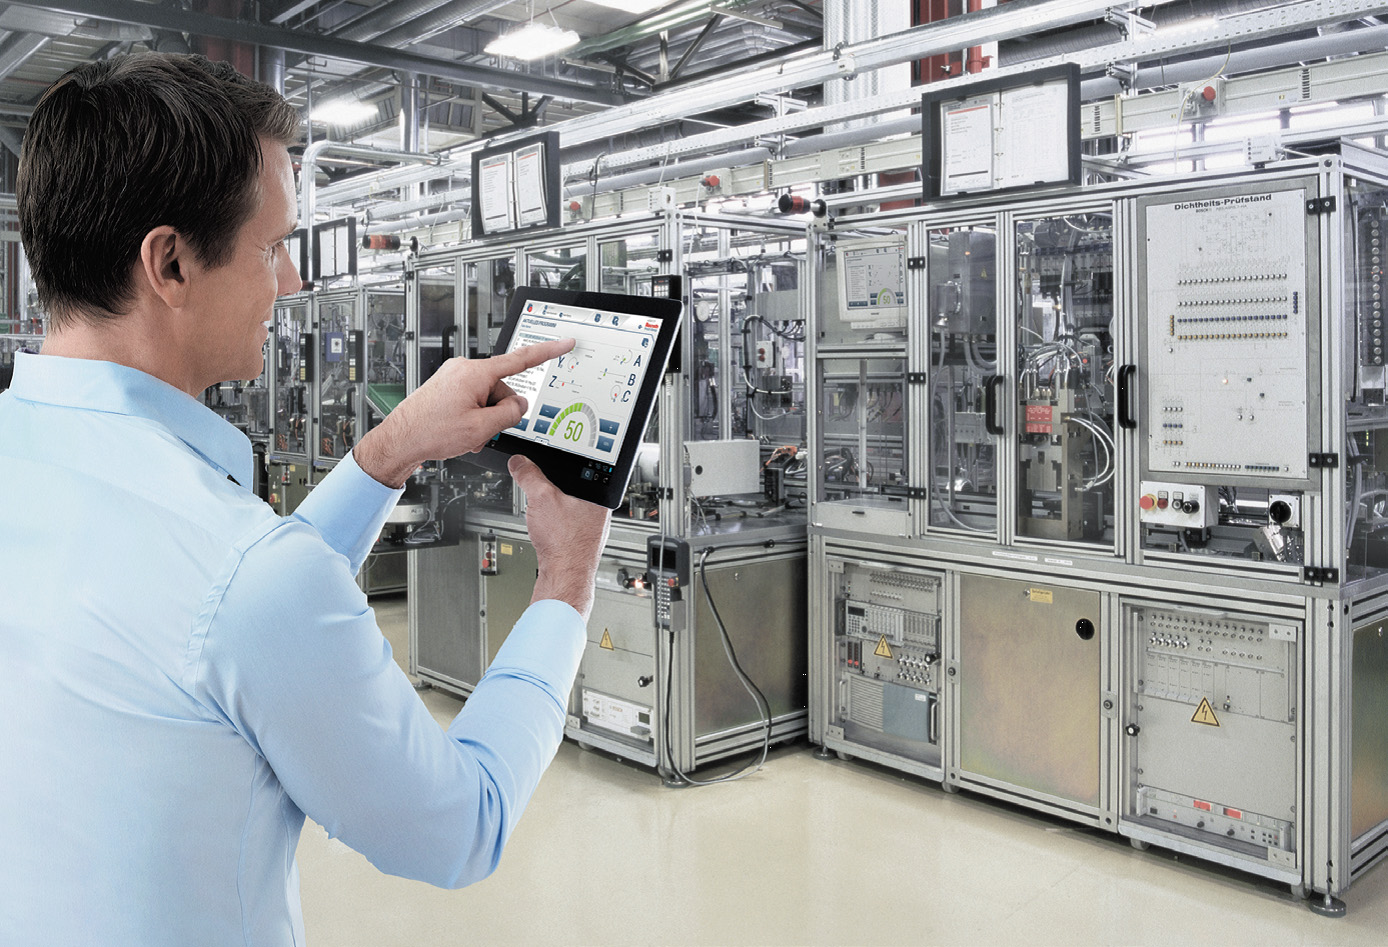 Достижения в области приводов позволяют производителям распределять функции привода через встраиваемые компьютерные технологии